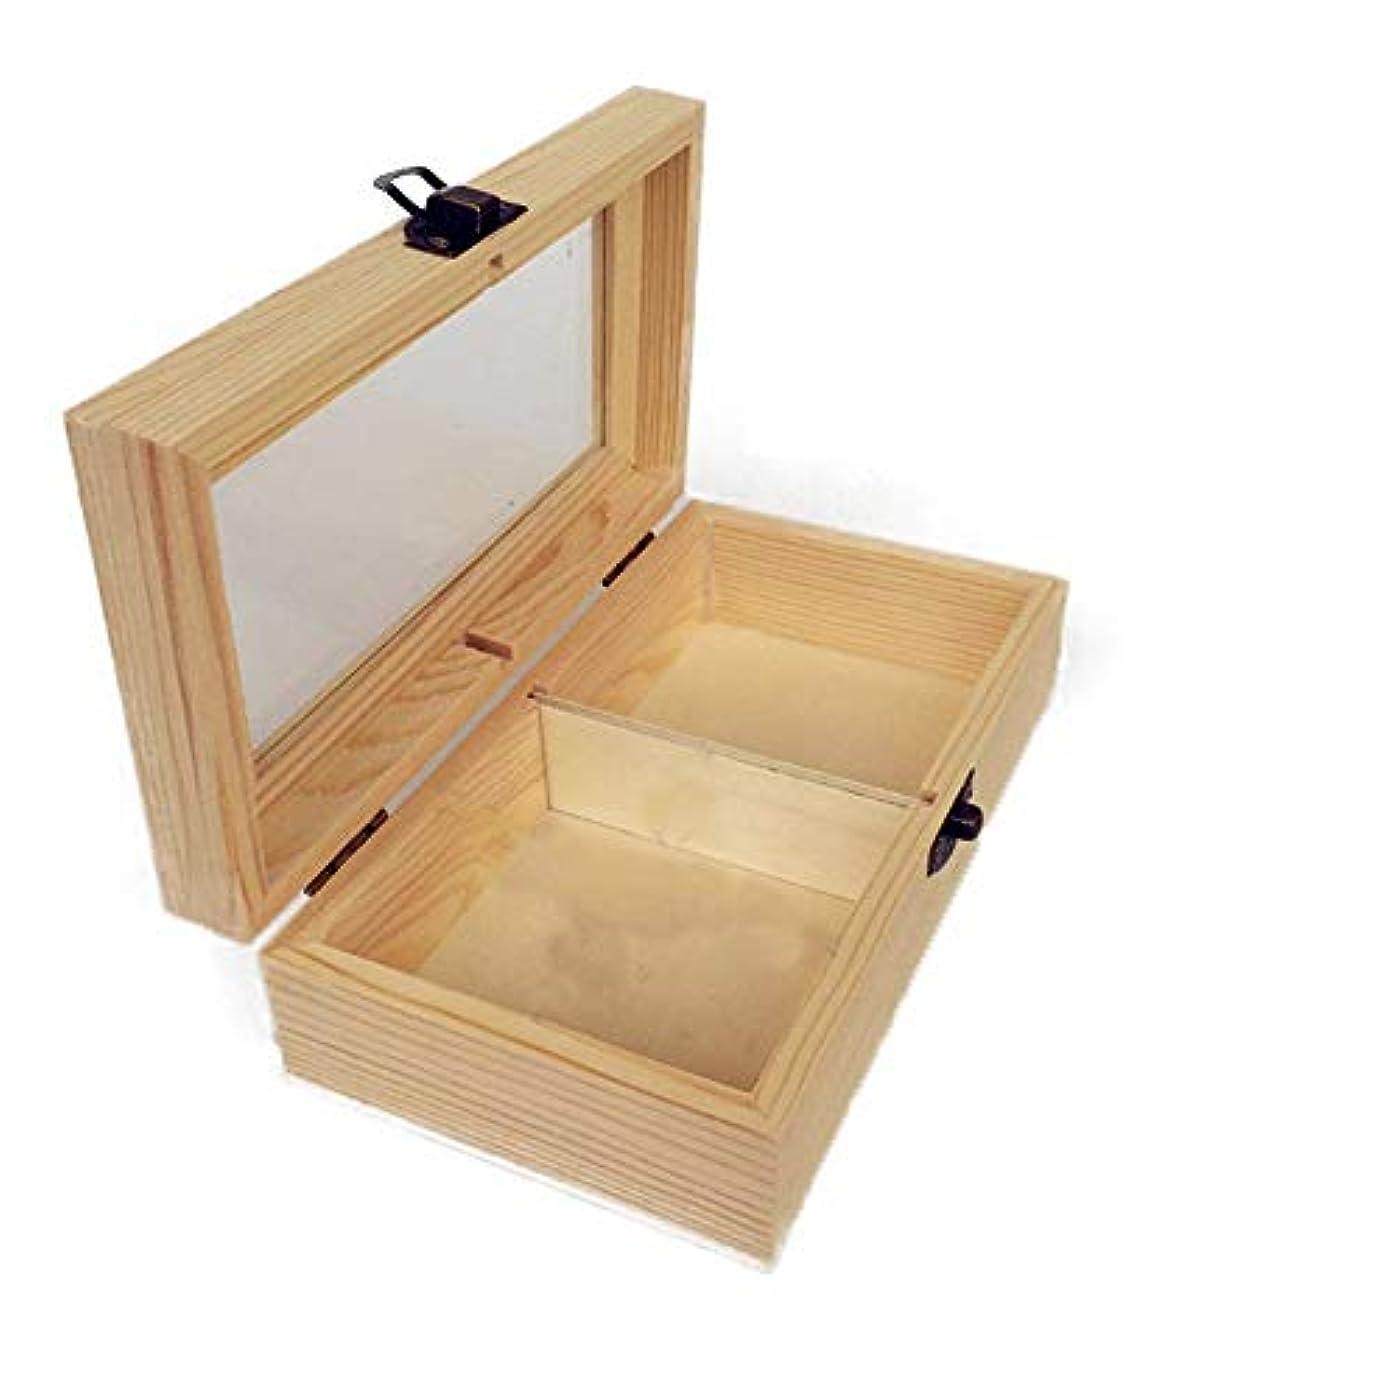 キャプテンブライコンピューターを使用するカタログエッセンシャルオイルボックス オイル手作りの木製のギフトボックスは、あなたの精油ケースプレゼンテーションの太陽の損傷を保護します アロマセラピー収納ボックス (色 : Natural, サイズ : 18X10X5.5CM)